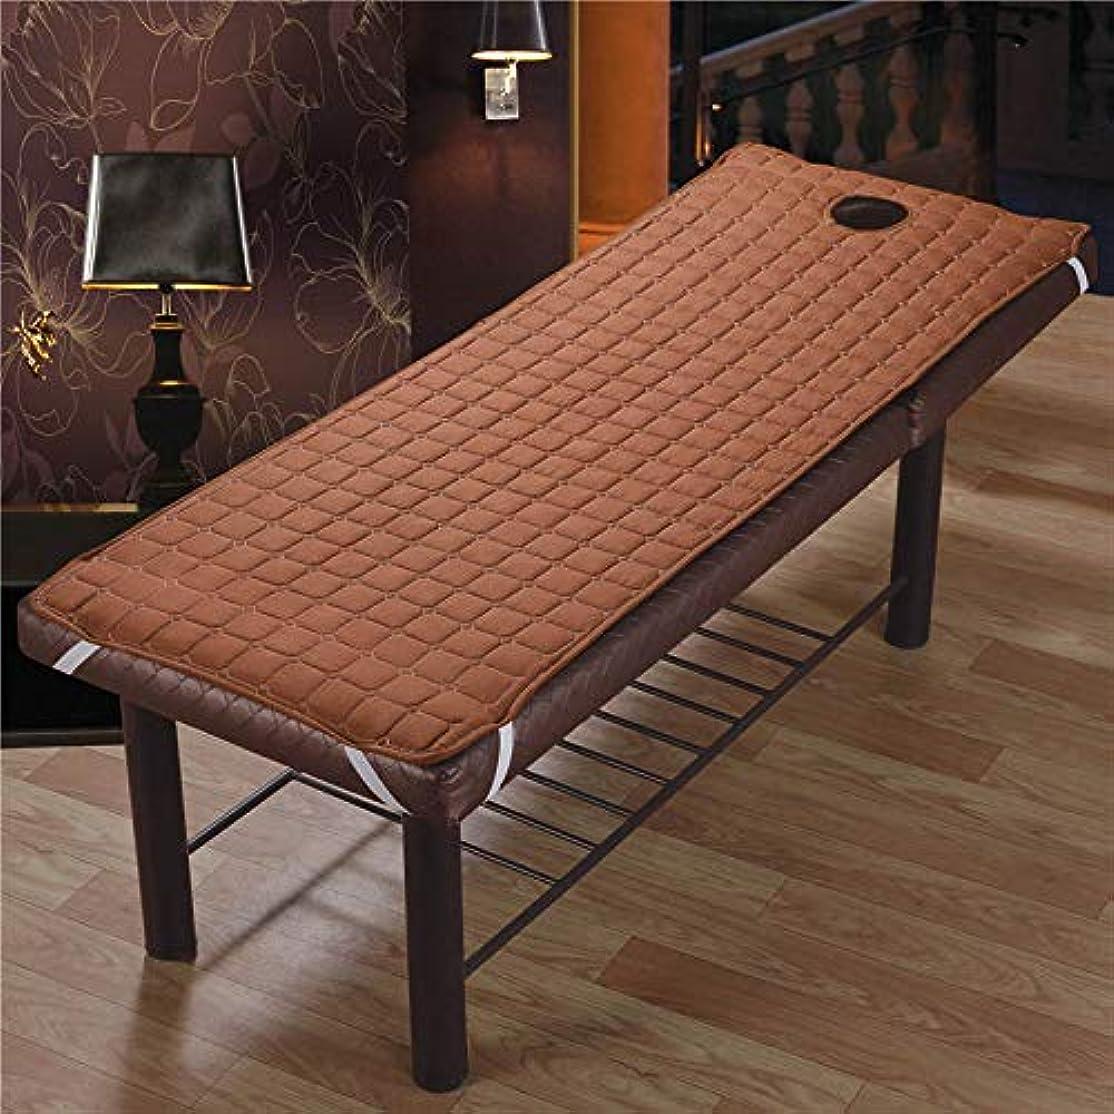 徐々に銅アサートCoolTack  美容院のマッサージ療法のベッドのための滑り止めのSoliod色の長方形のマットレス